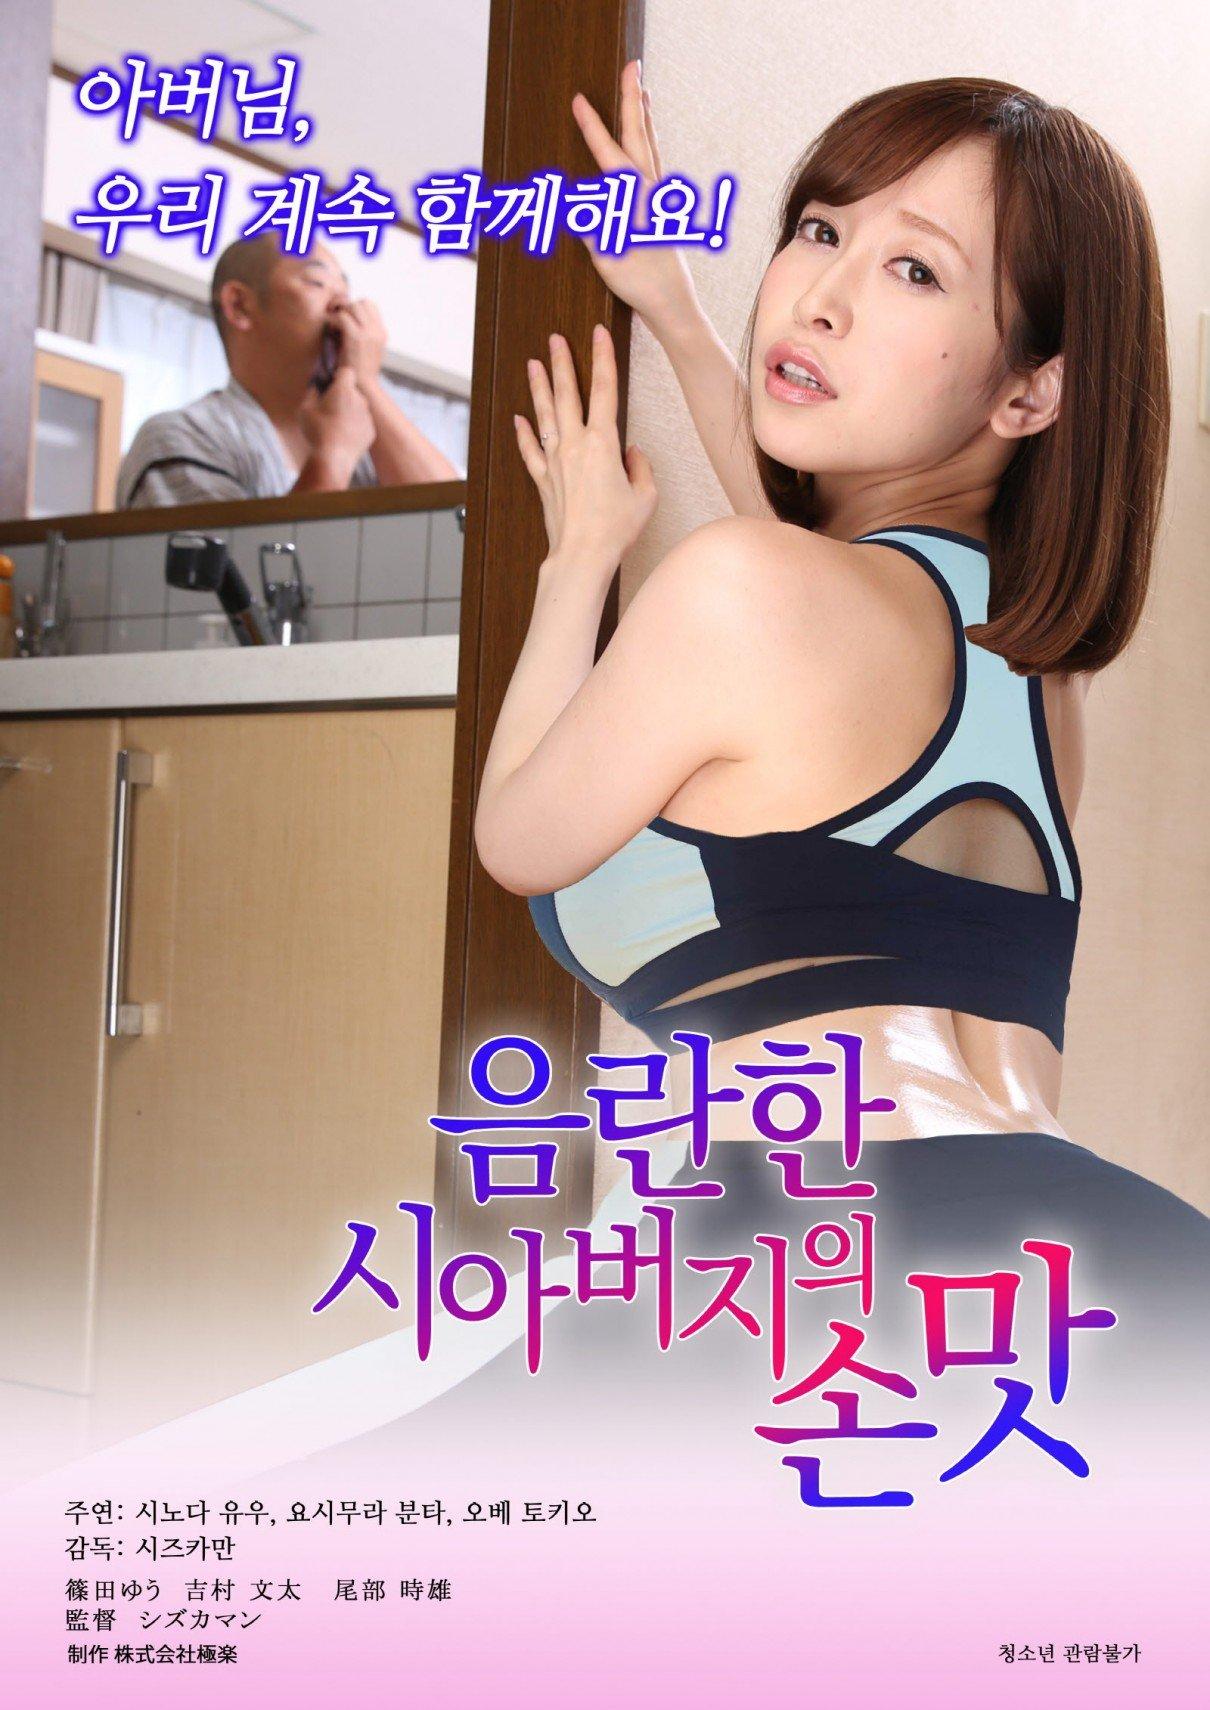 [韩国三级片]妻子无理请求海报剧照